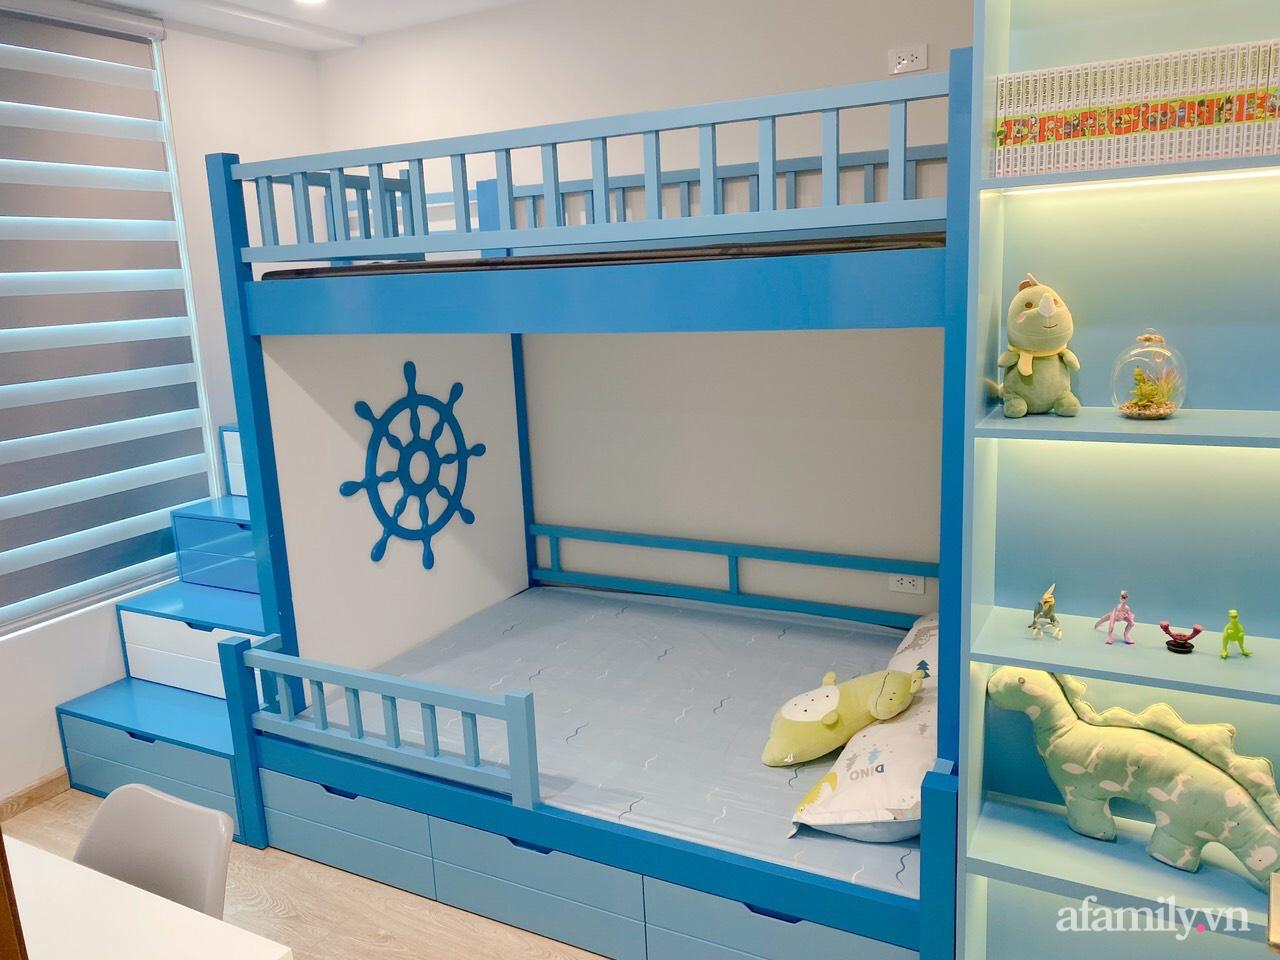 Căn hộ 92m² đong đầy hạnh phúc với nội thất đơn giản, hiện đại của vợ chồng trẻ Hà Nội - Ảnh 17.